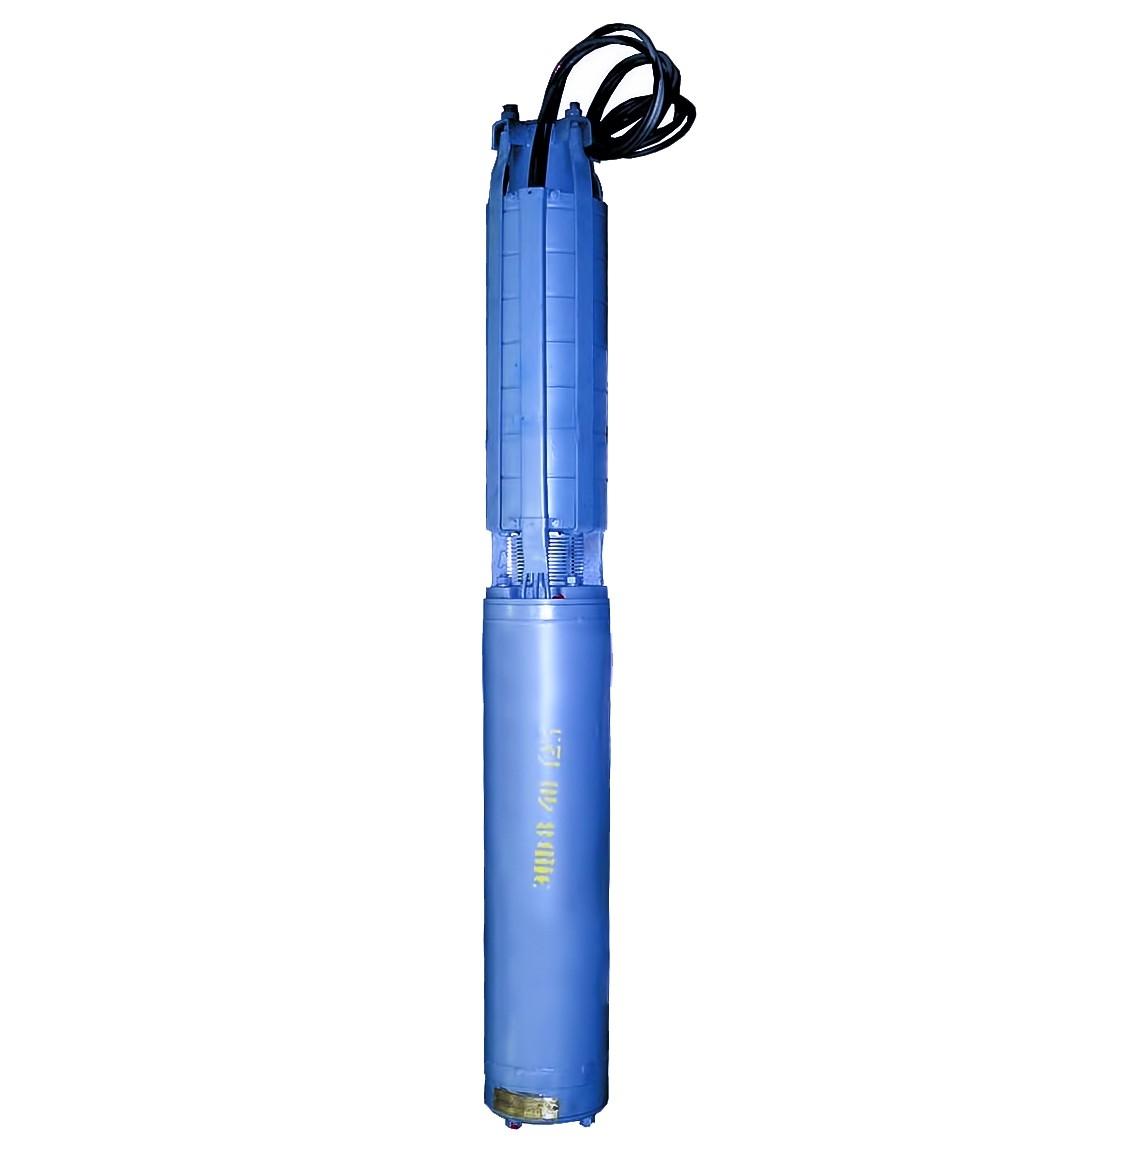 Погружной насос ЭЦВ 6-6,5-90 армлен